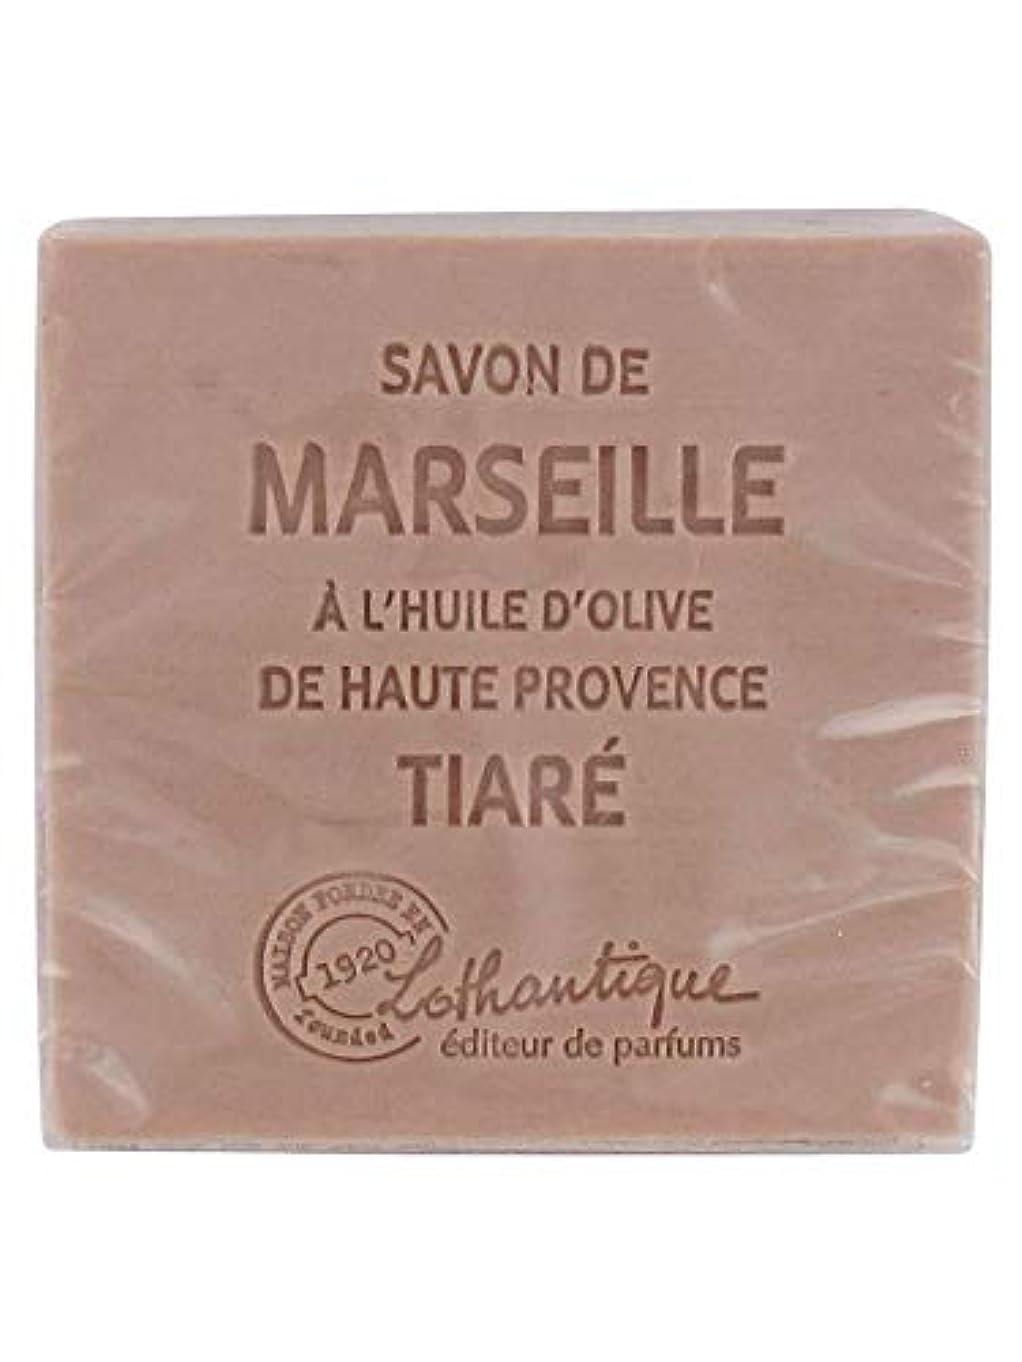 論理的に精神物理学者Lothantique(ロタンティック) Les savons de Marseille(マルセイユソープ) マルセイユソープ 100g 「ティアラ」 3420070038098